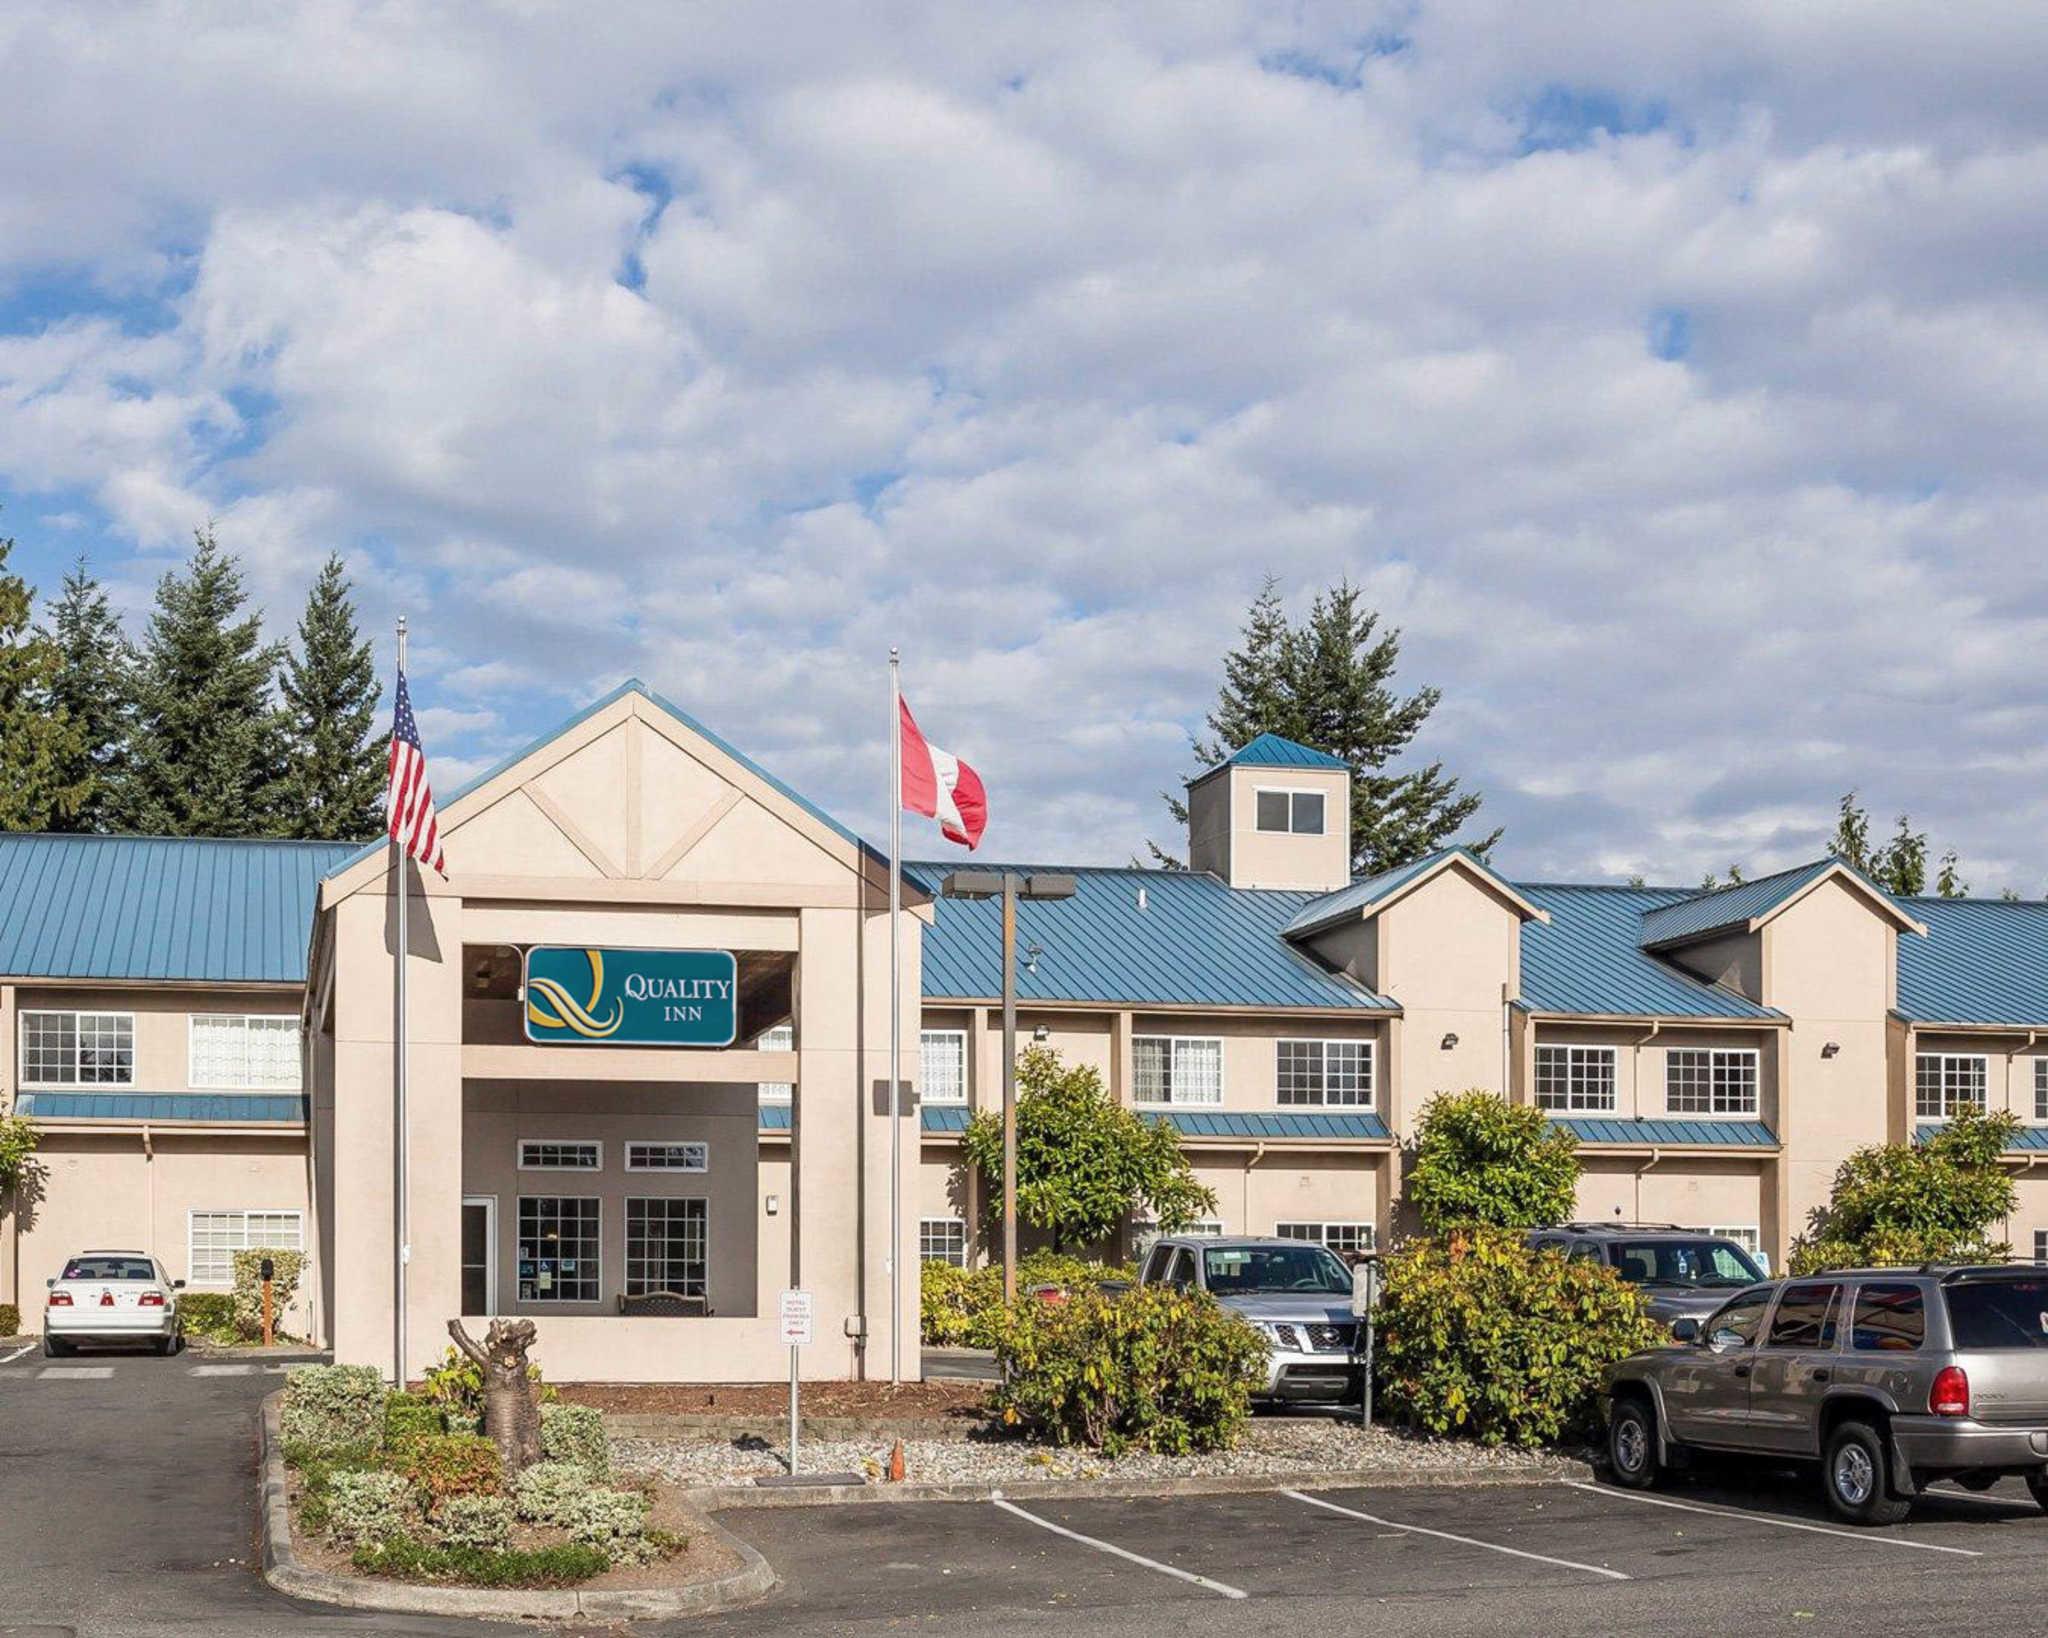 Marysville Wa Hotels And Motels